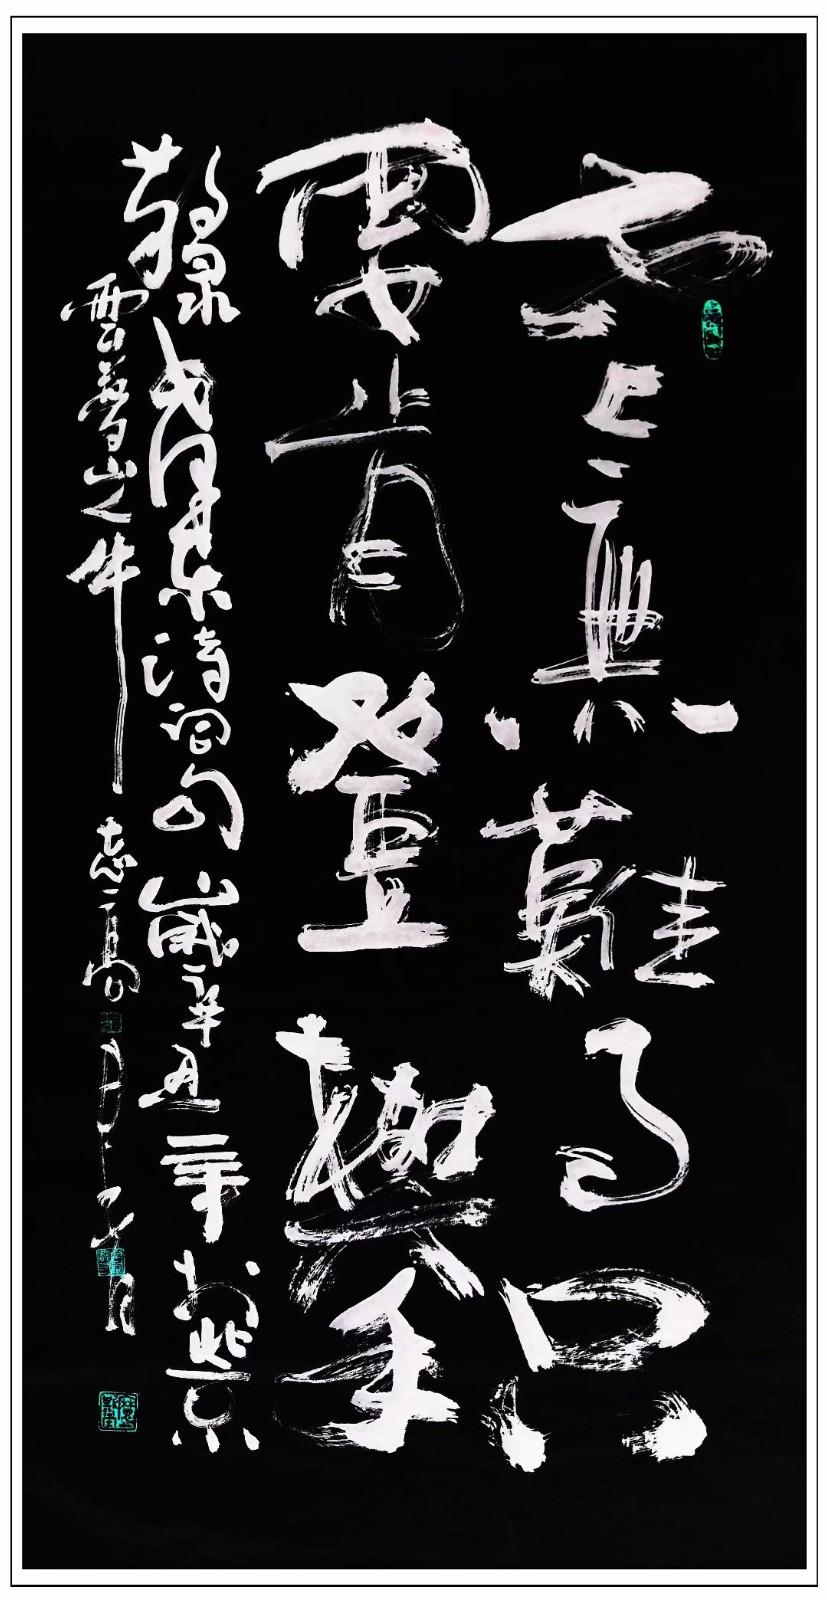 牛志高辛丑年书法新作---2021.02.20_图1-15